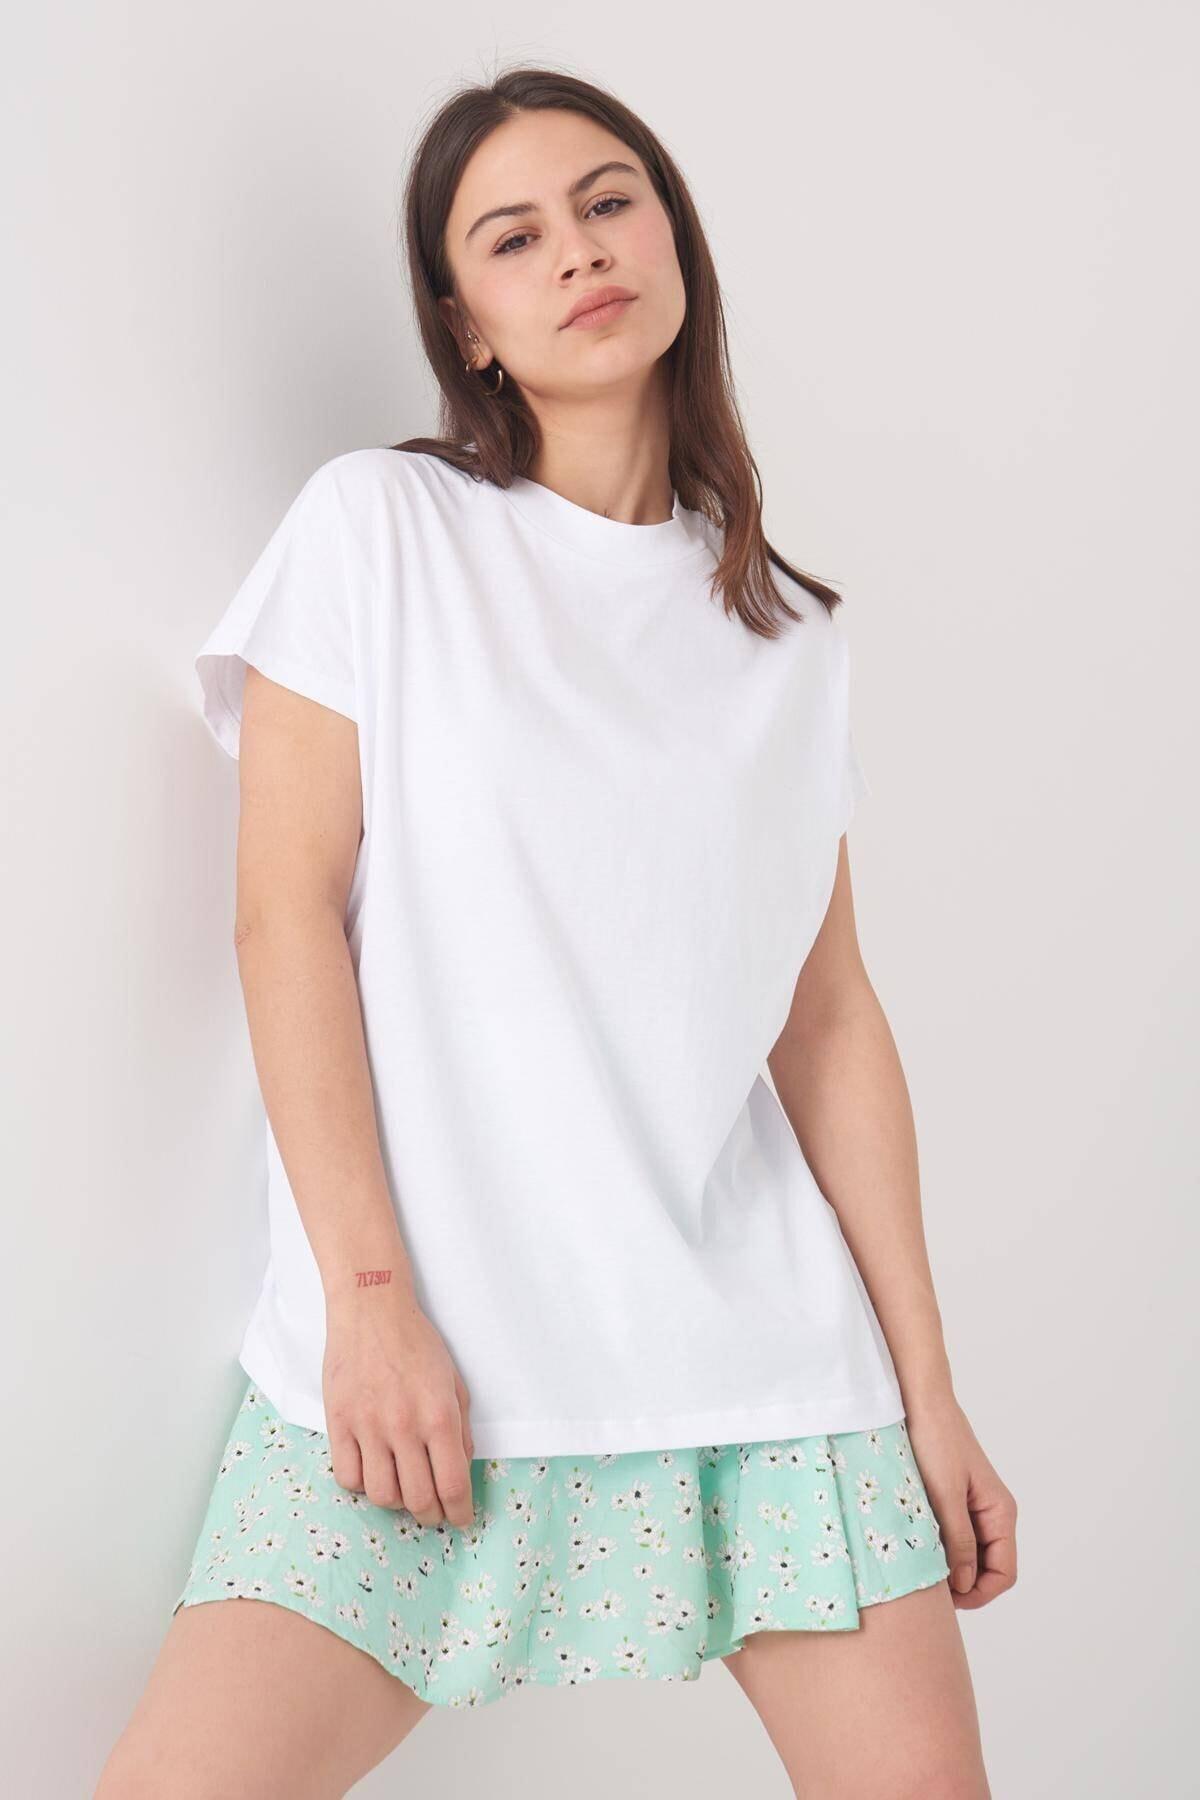 Addax Kadın Beyaz Basic Tişört P0769 - U13 ADX-0000020933 2